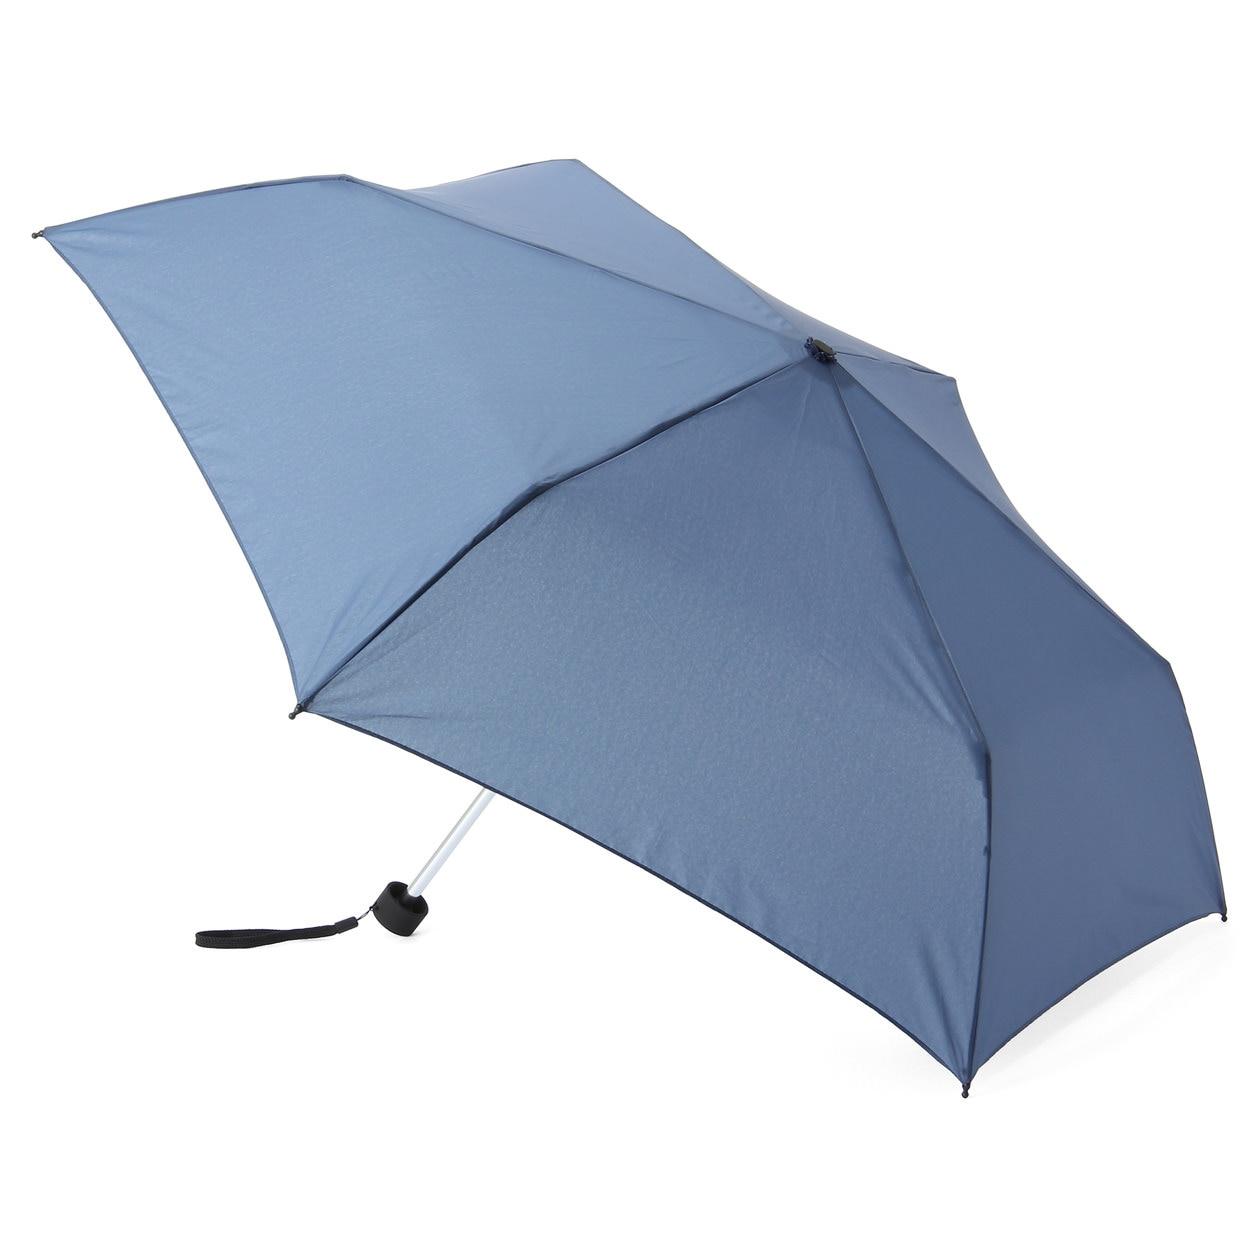 無印良品 晴雨兼用 軽量 折りたたみ傘50cm